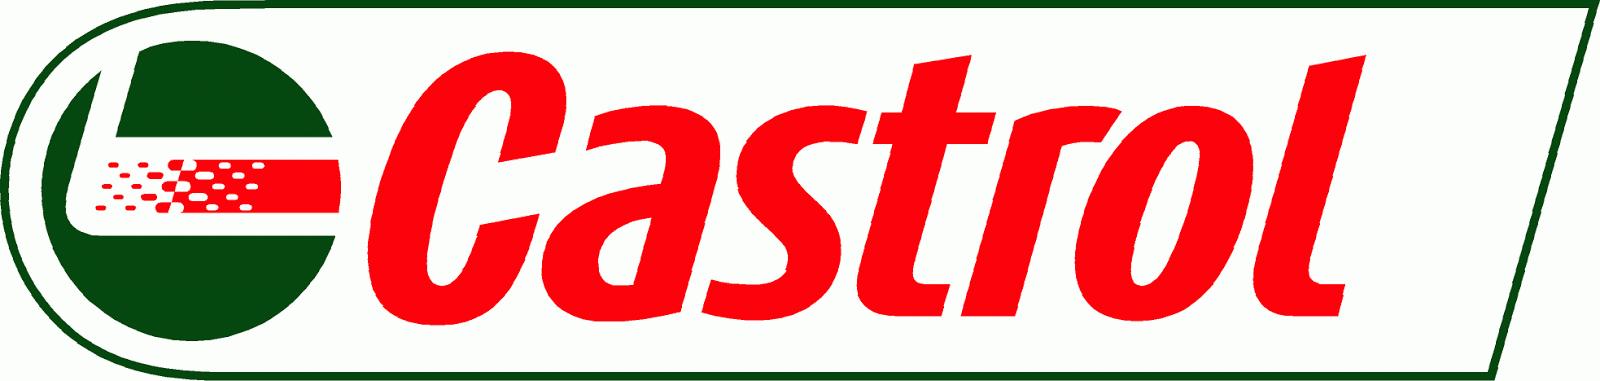 Castrol Company Logo